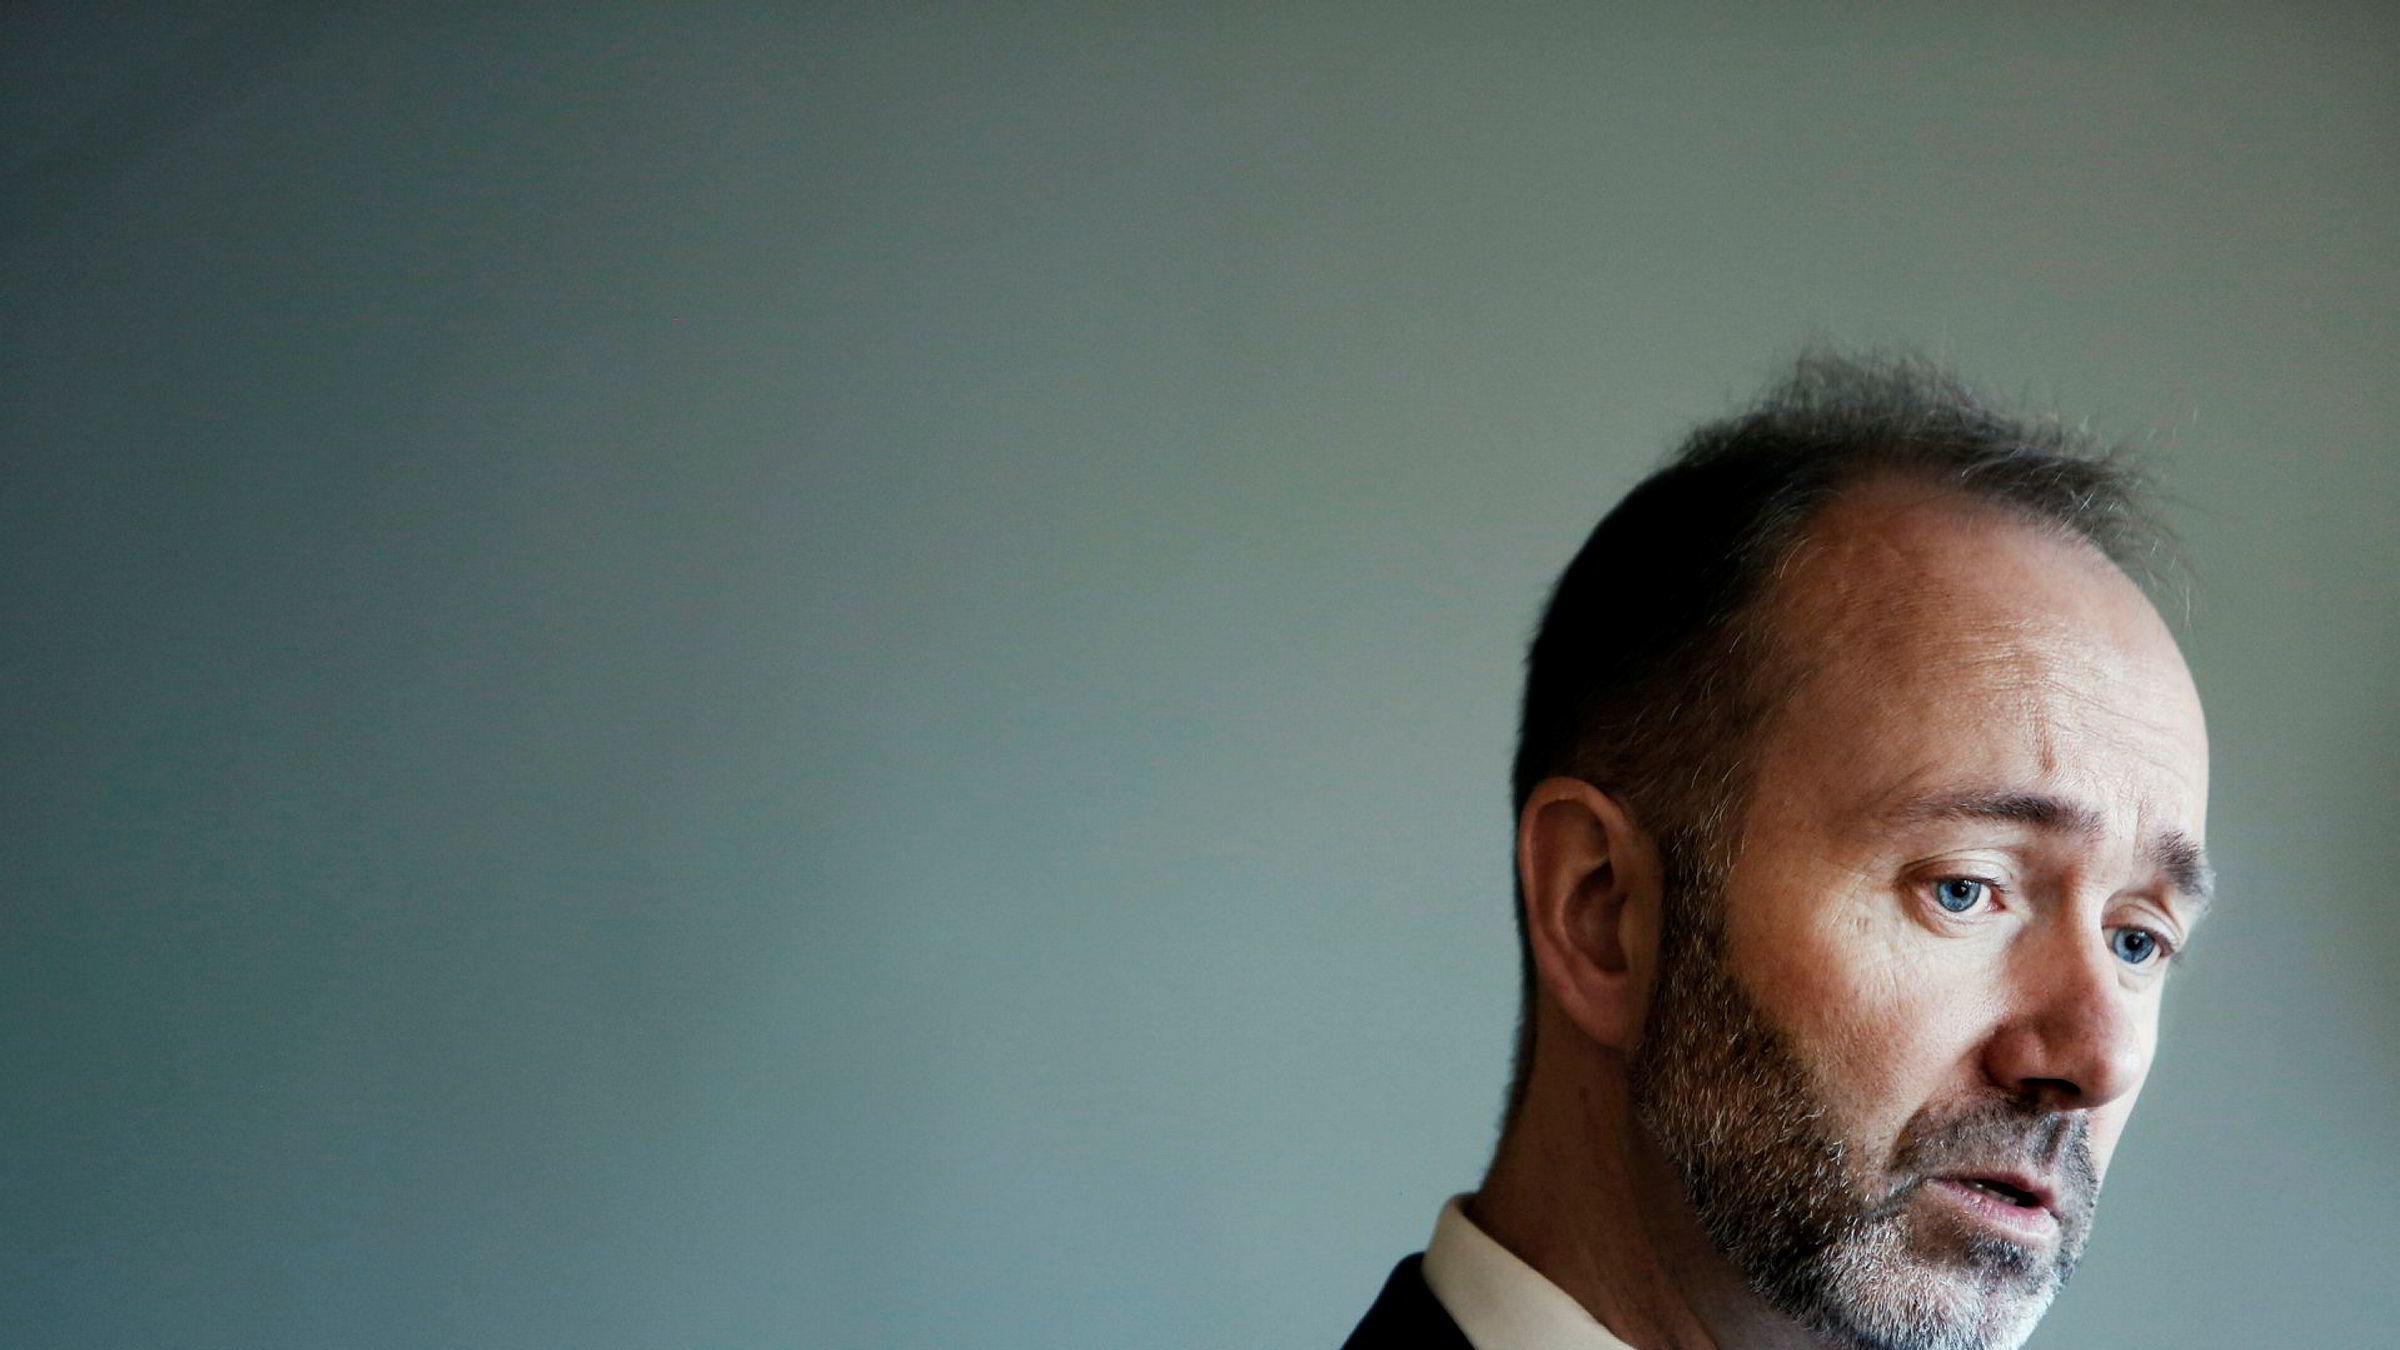 Tidligere nestleder i Ap, Trond Giske, må nå også ut av sentralstyret i partiet etter over 20 år som medlem der.